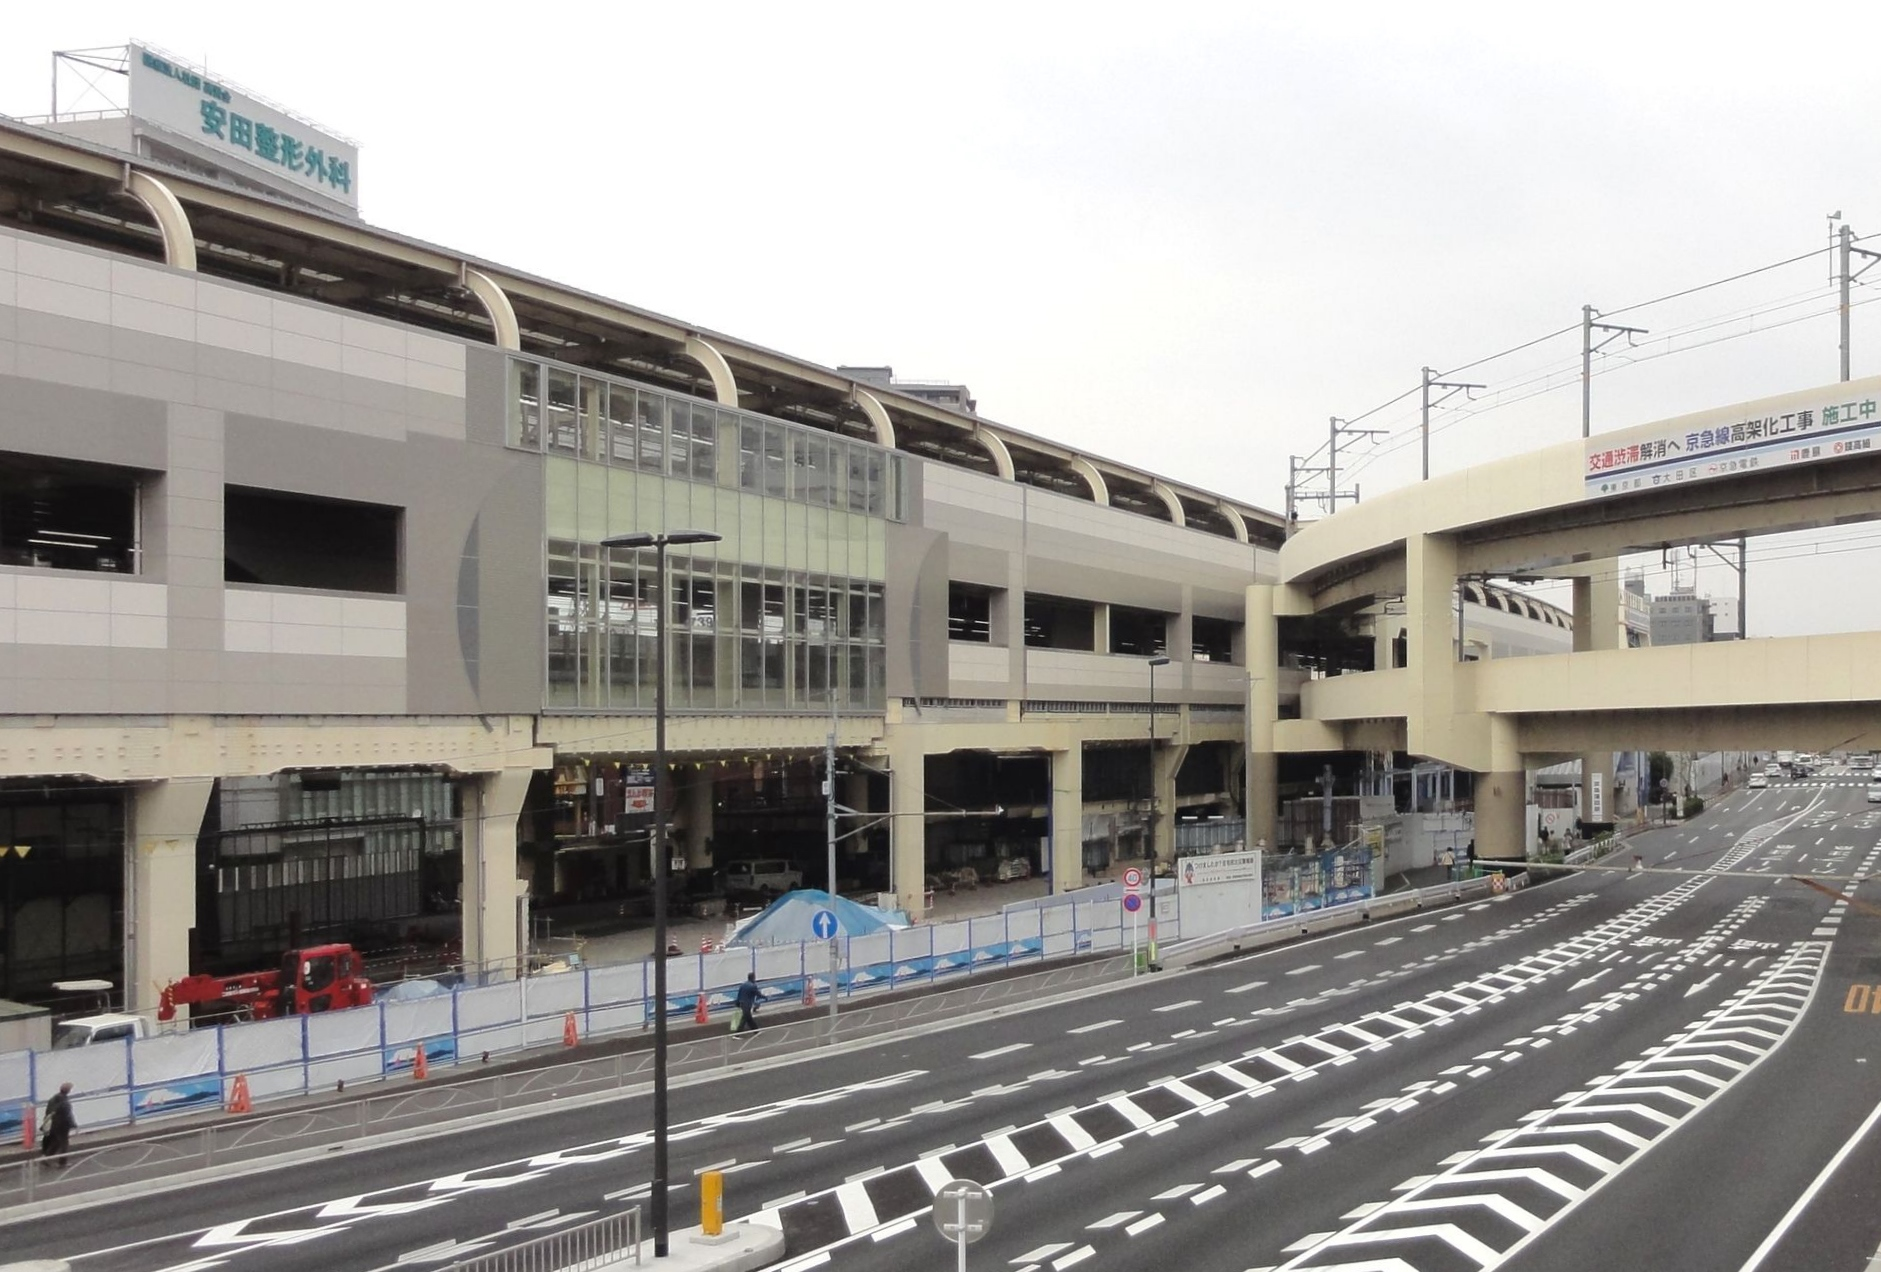 「京急蒲田駅(東京都大田区蒲田4-50-10)」の画像検索結果